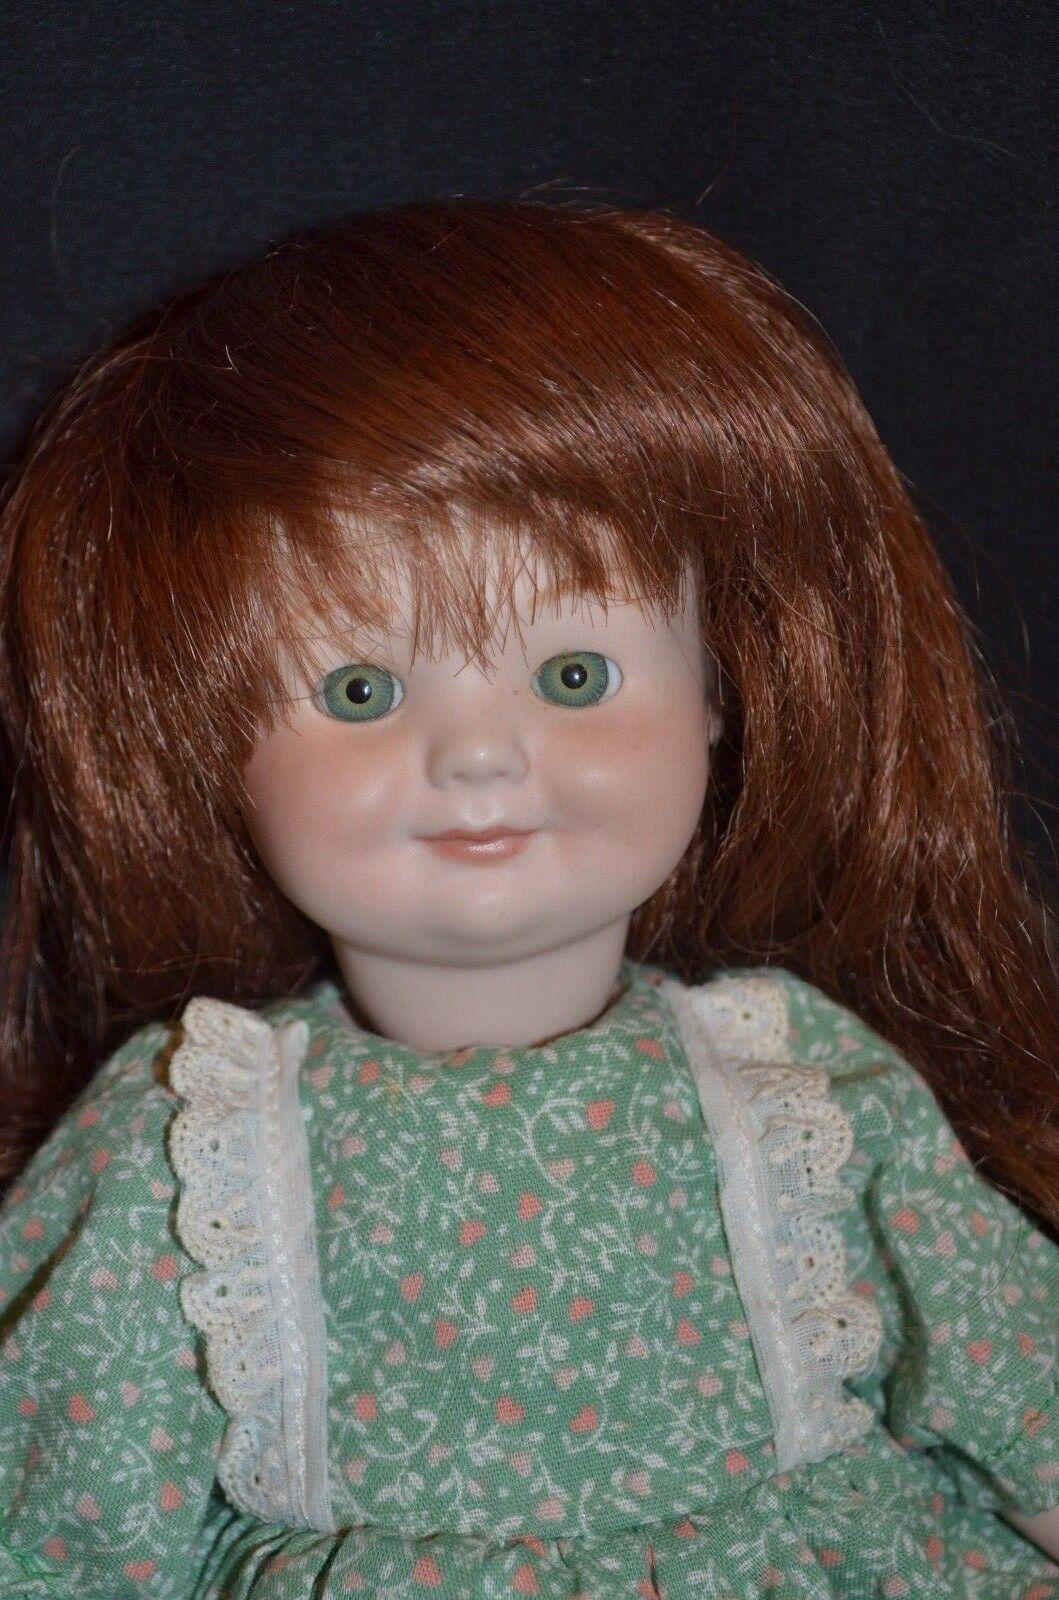 Jahr German Bisque Armand Marseille Googly Eye doll Mold no. 323 11